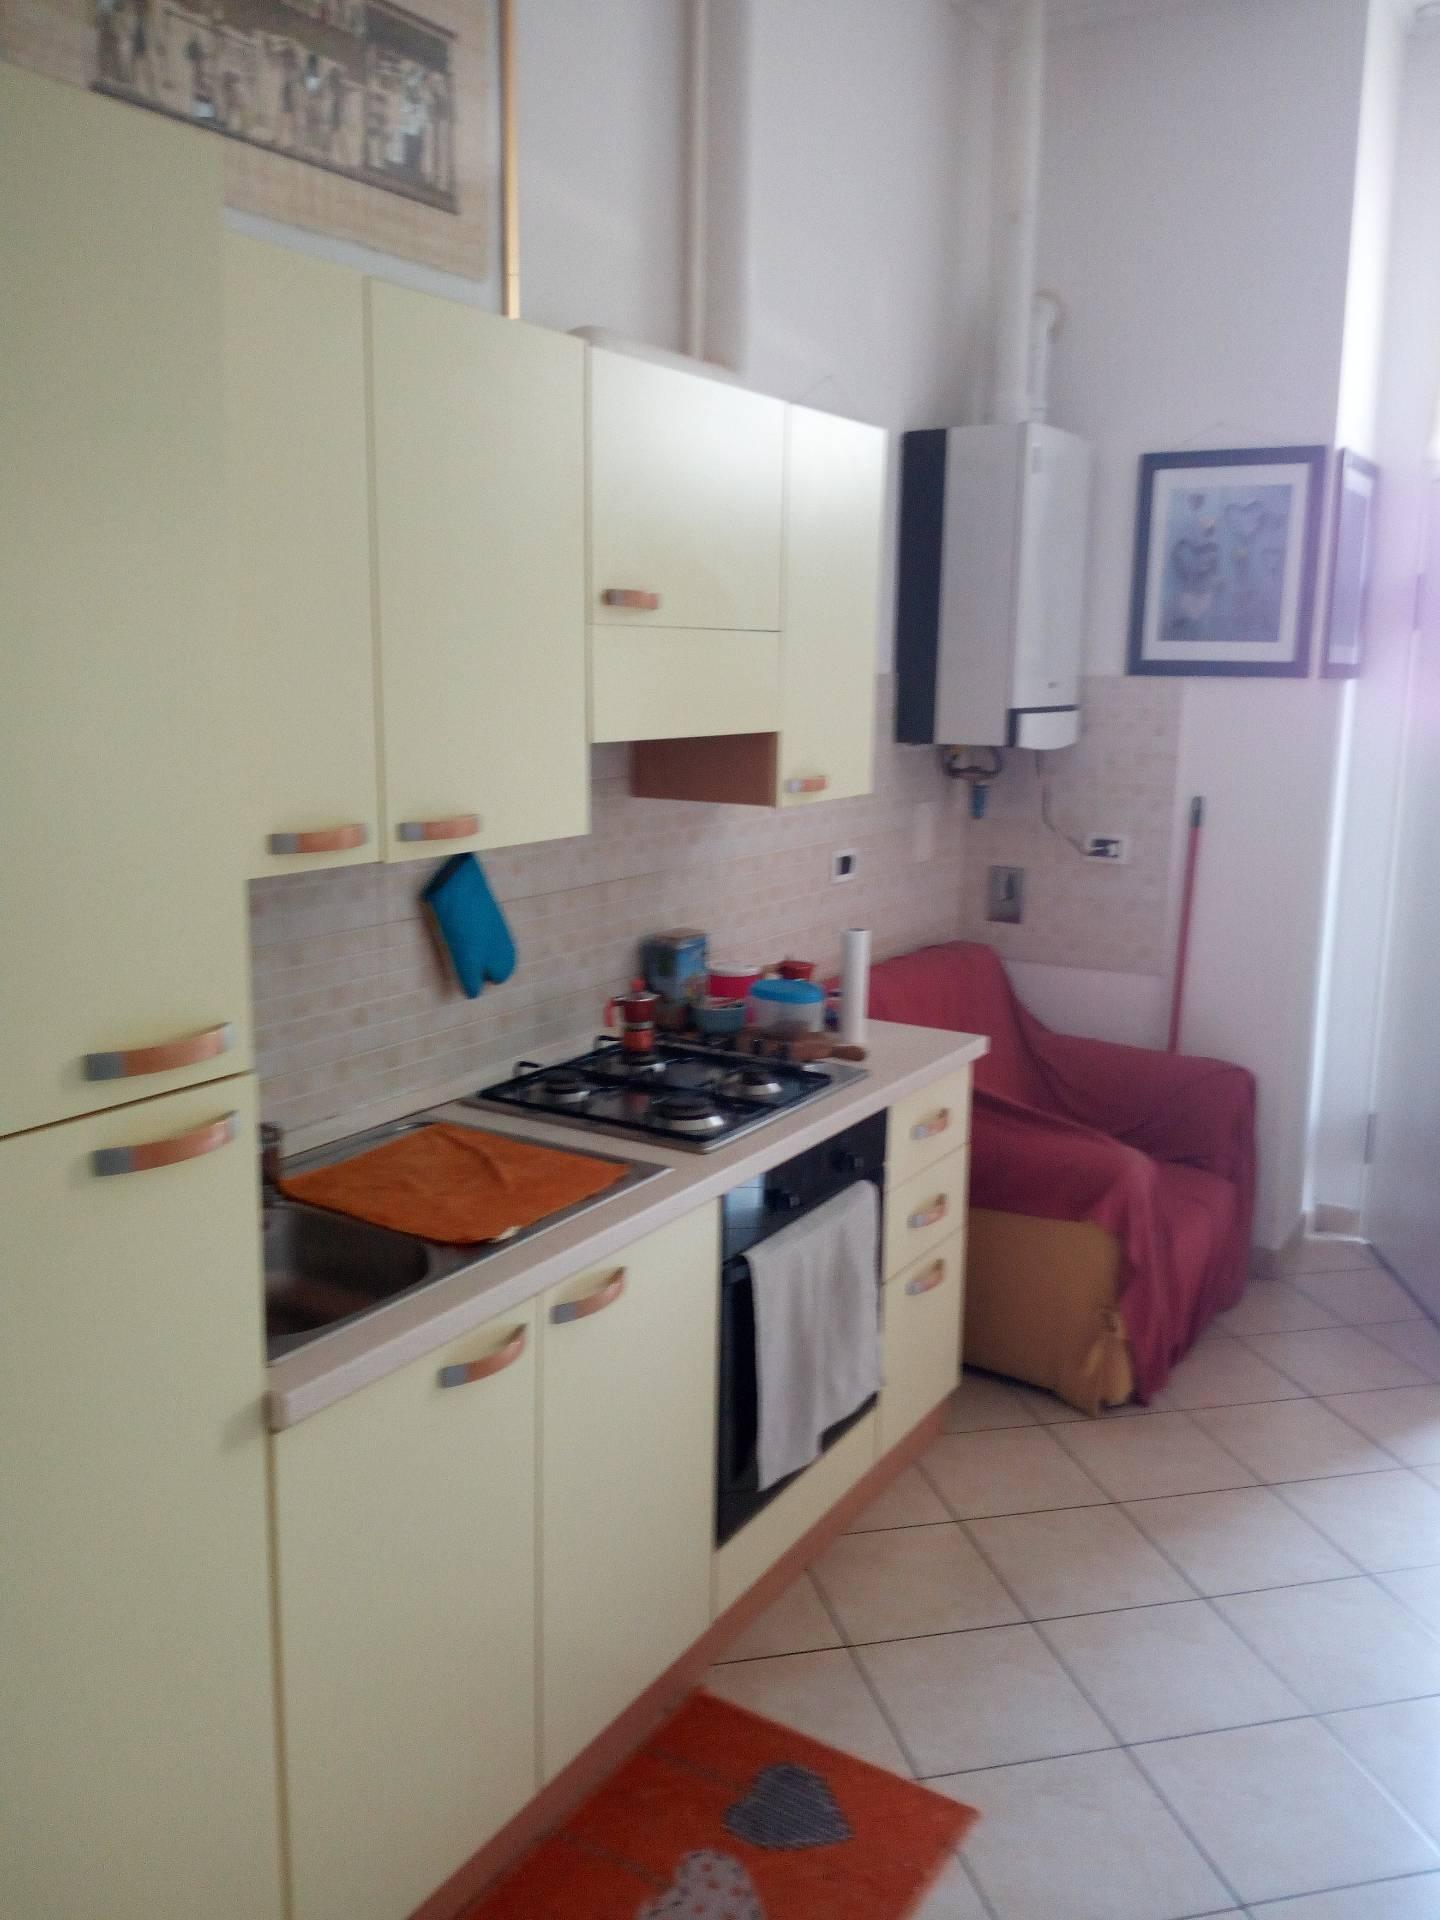 Appartamento in vendita a Massa Lombarda, 2 locali, prezzo € 80.000   CambioCasa.it